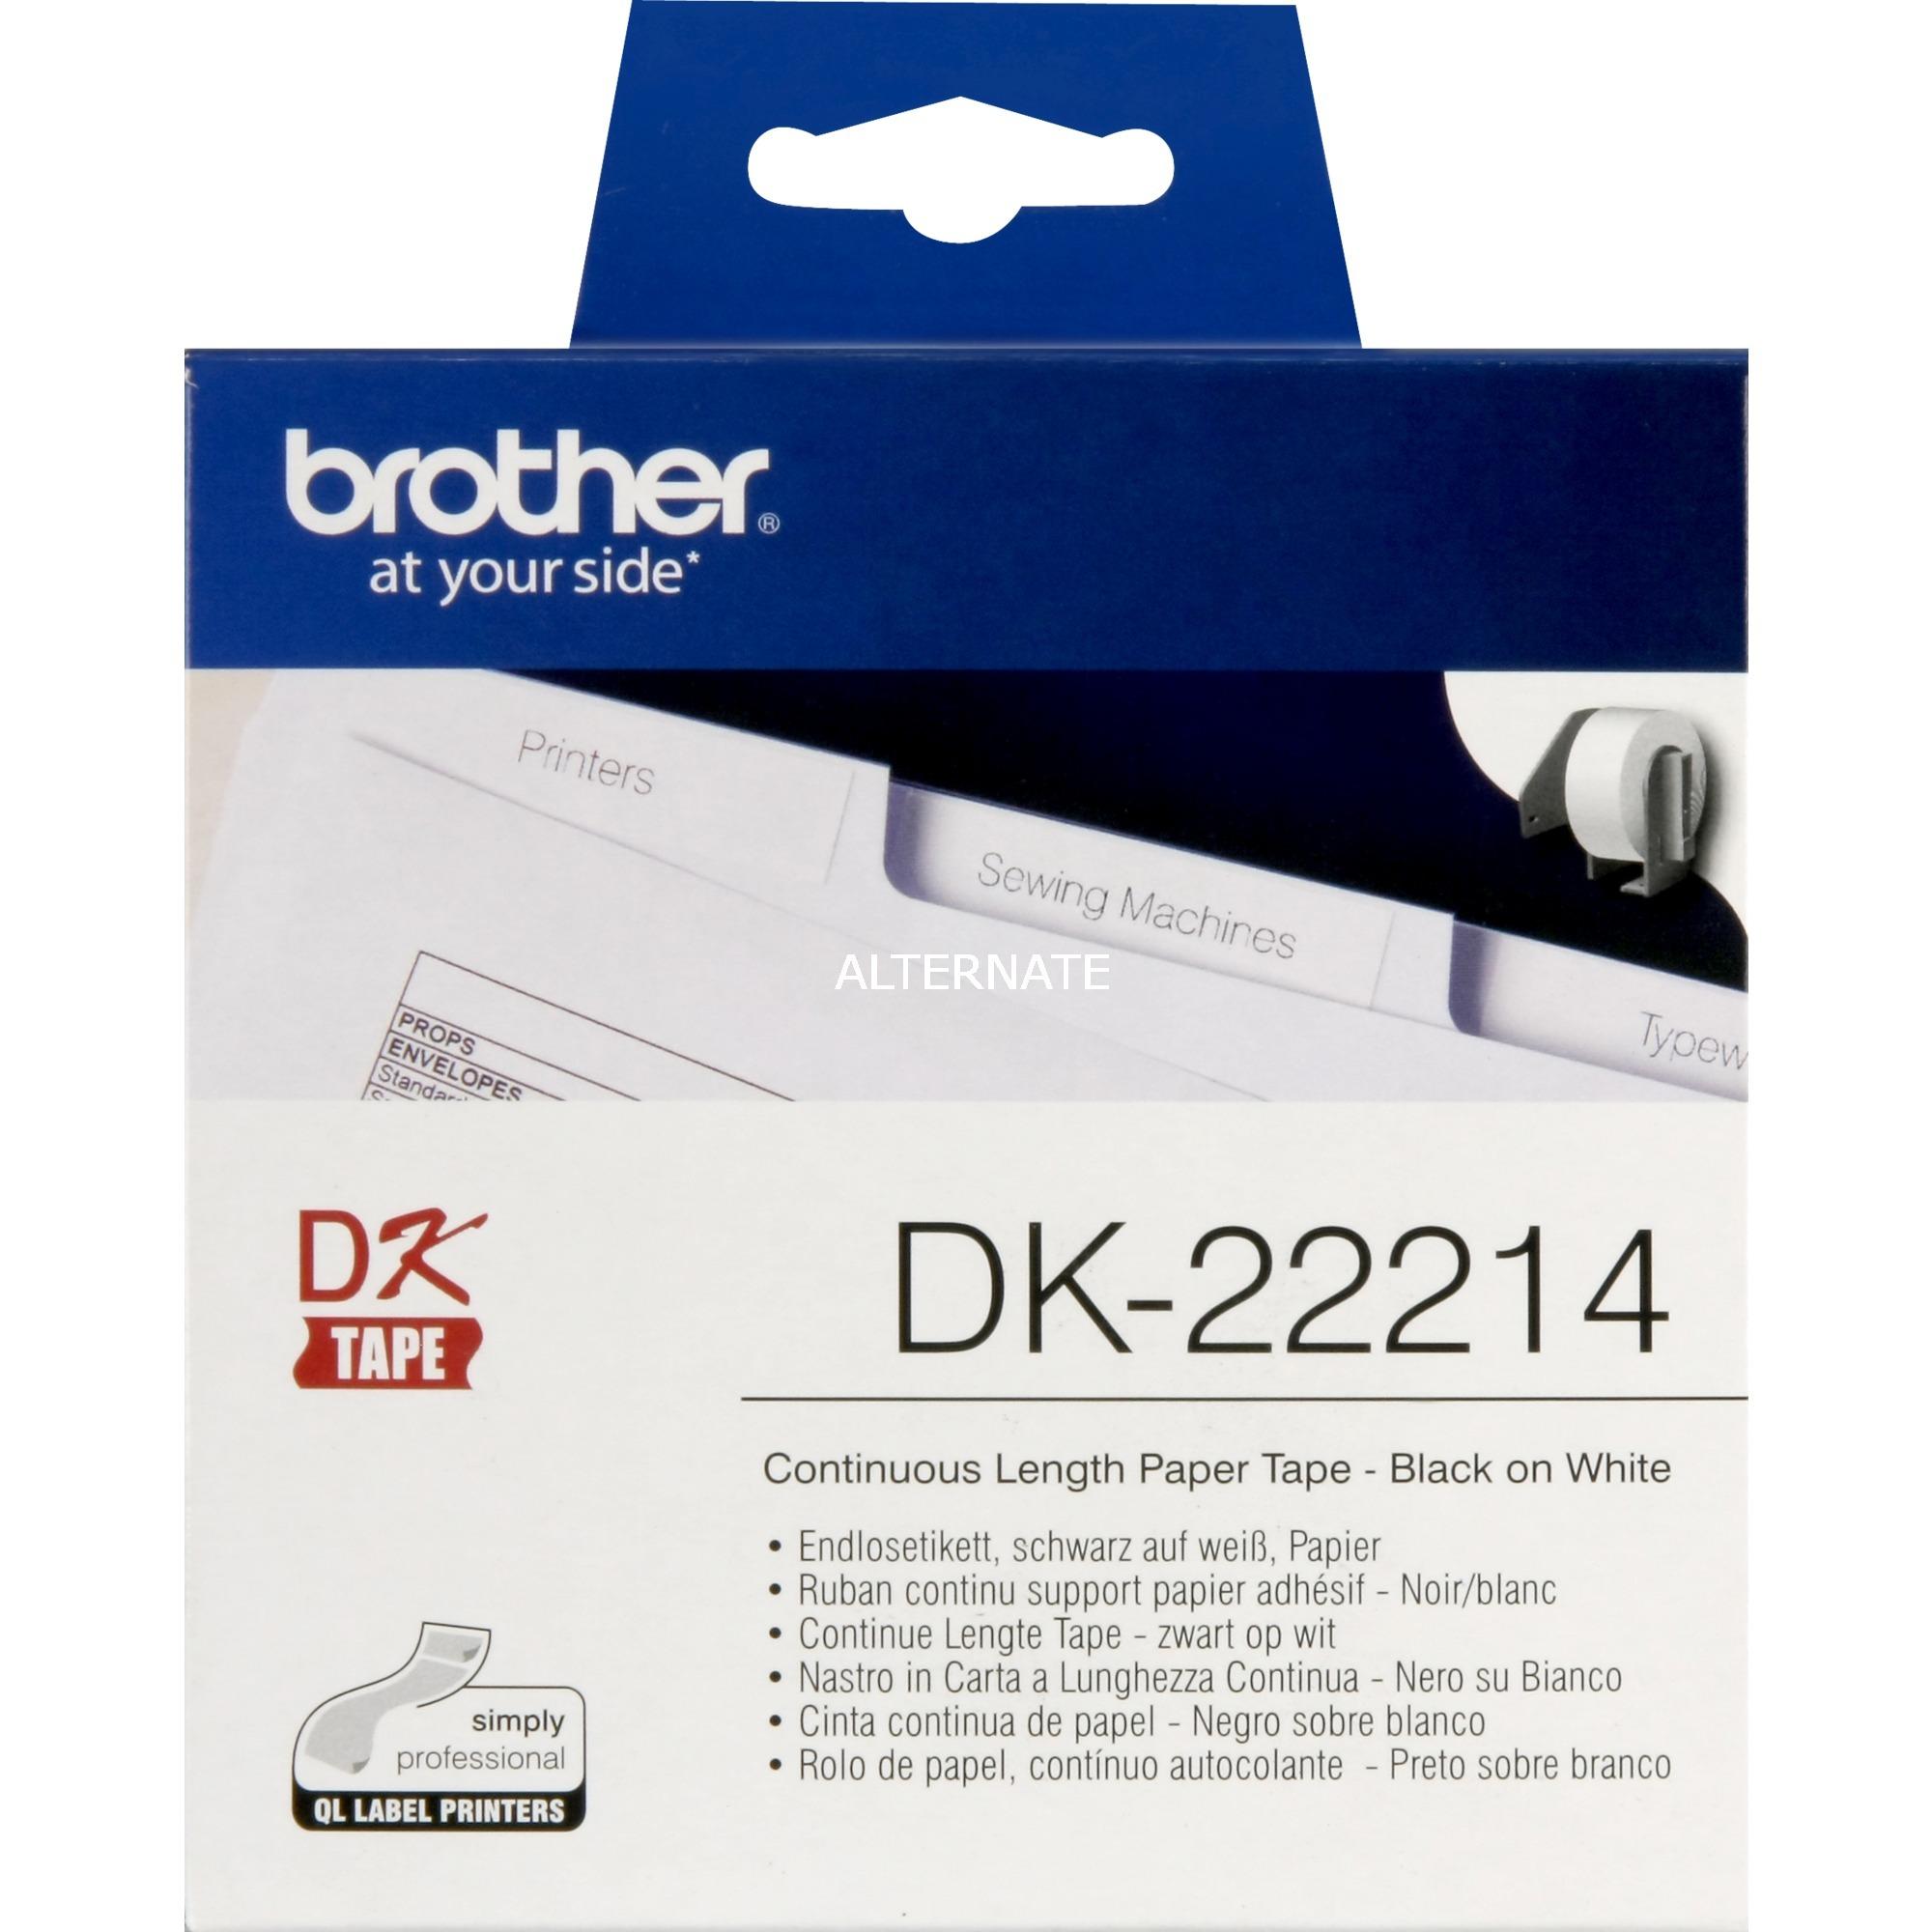 DK-22214 Cinta de papel continuo (12mm)